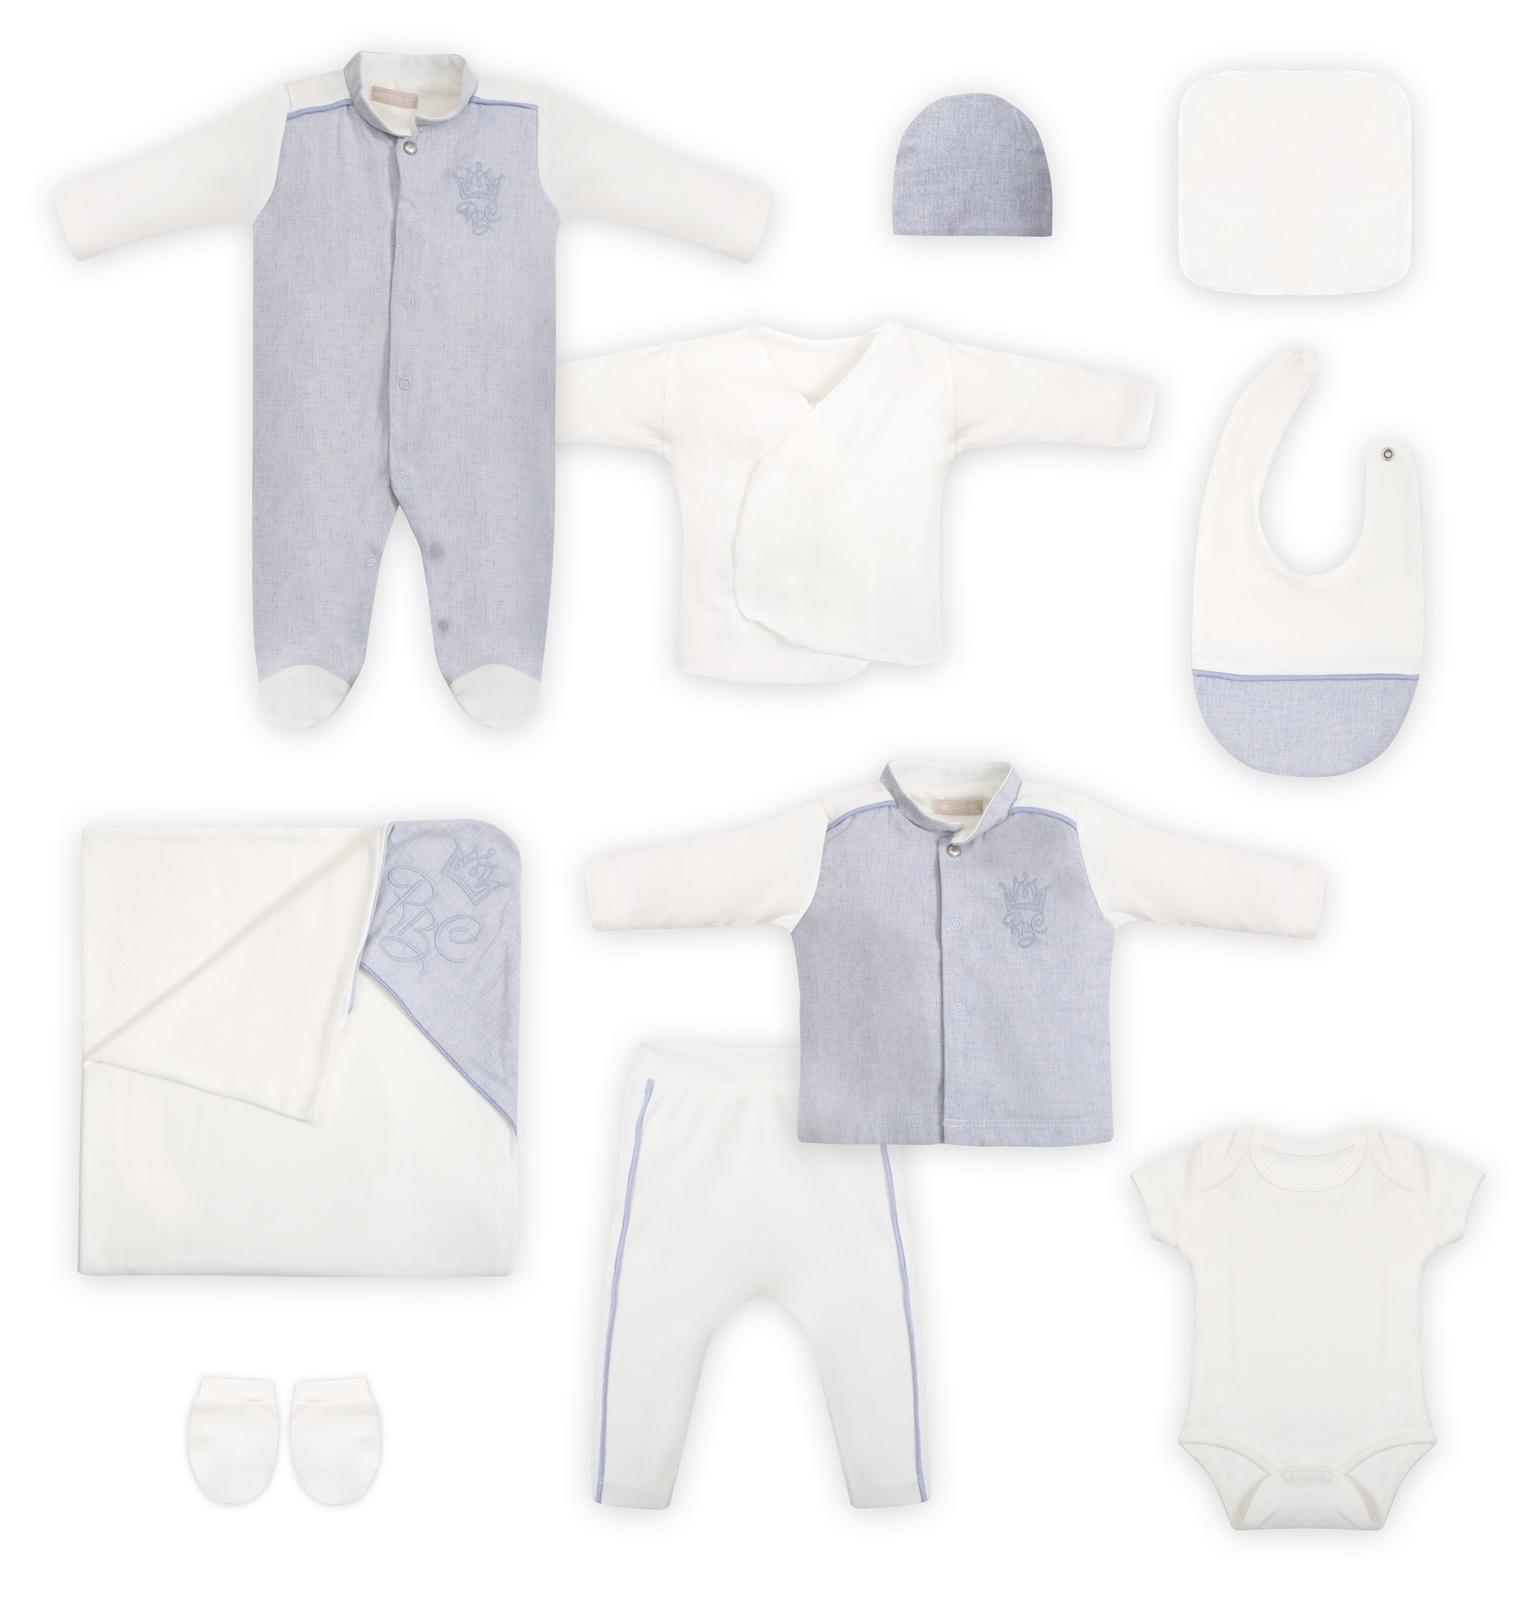 Комплект одежды RBC комплект одежды для мальчика котмаркот кофточка штанишки цвет голубой 2817 размер 80